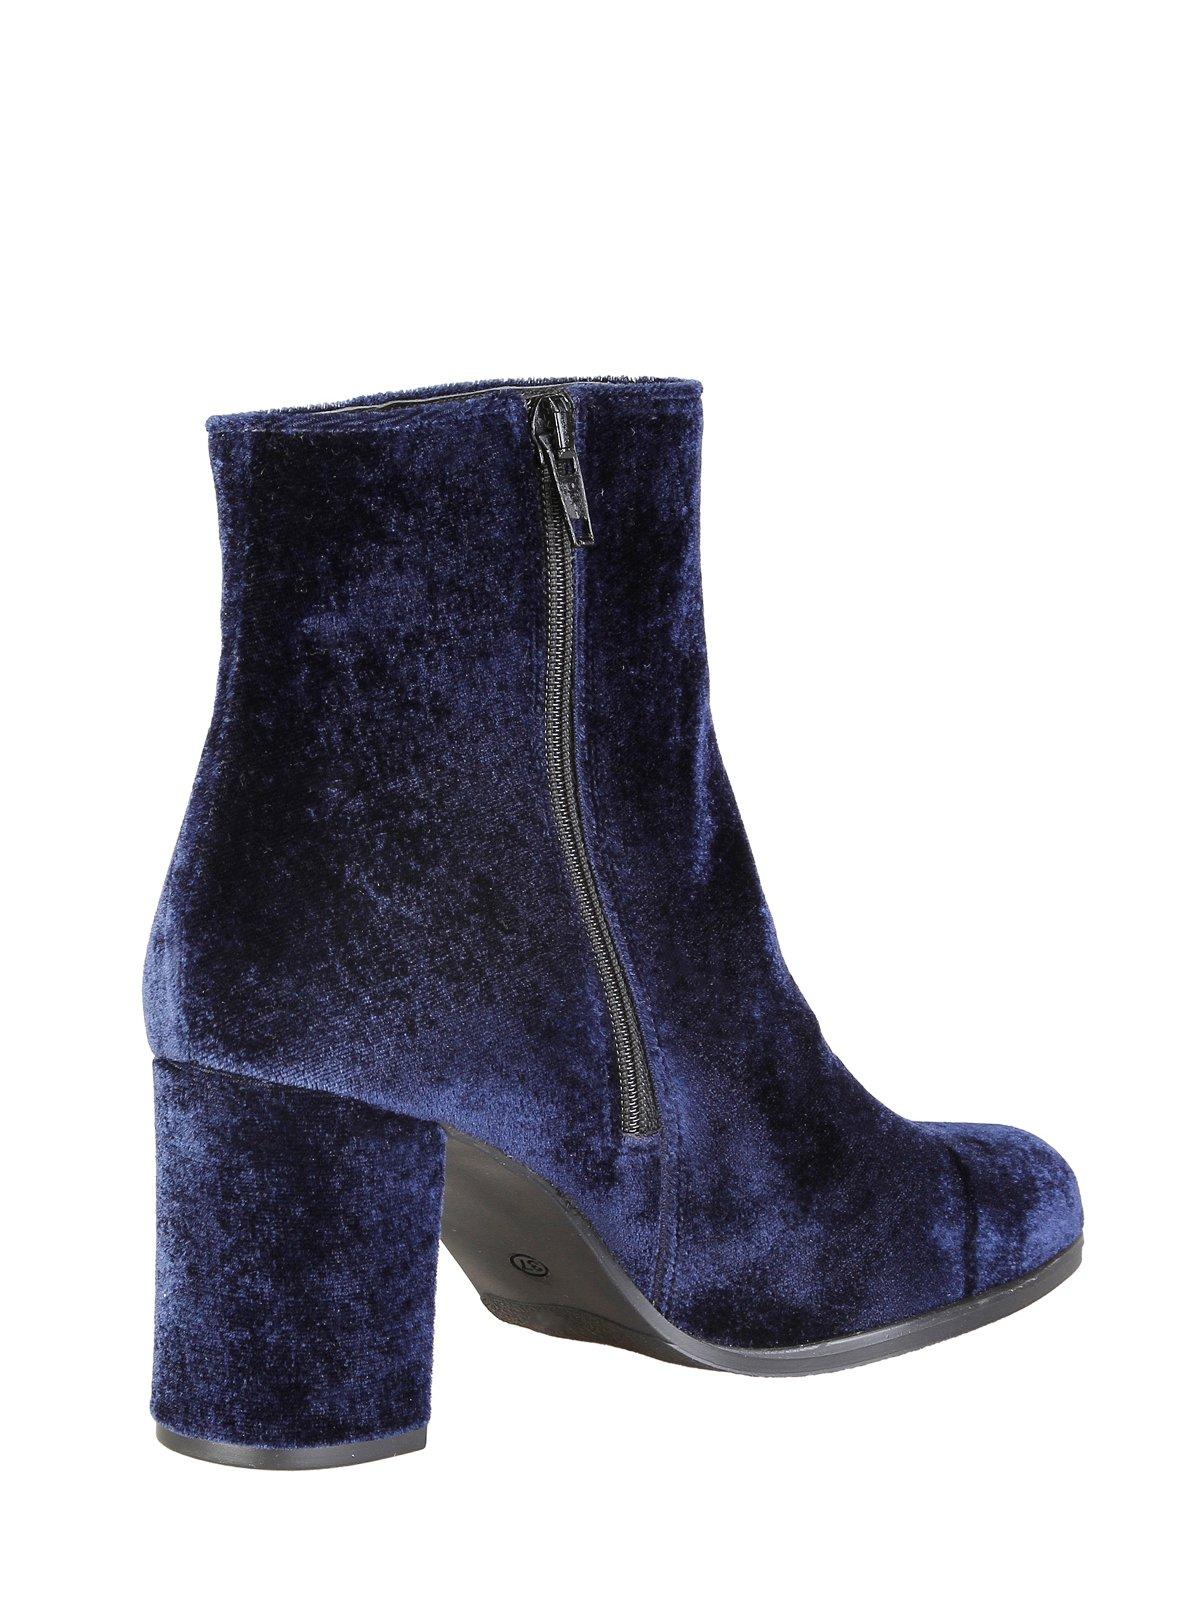 Ботинки синие | 3774079 | фото 2